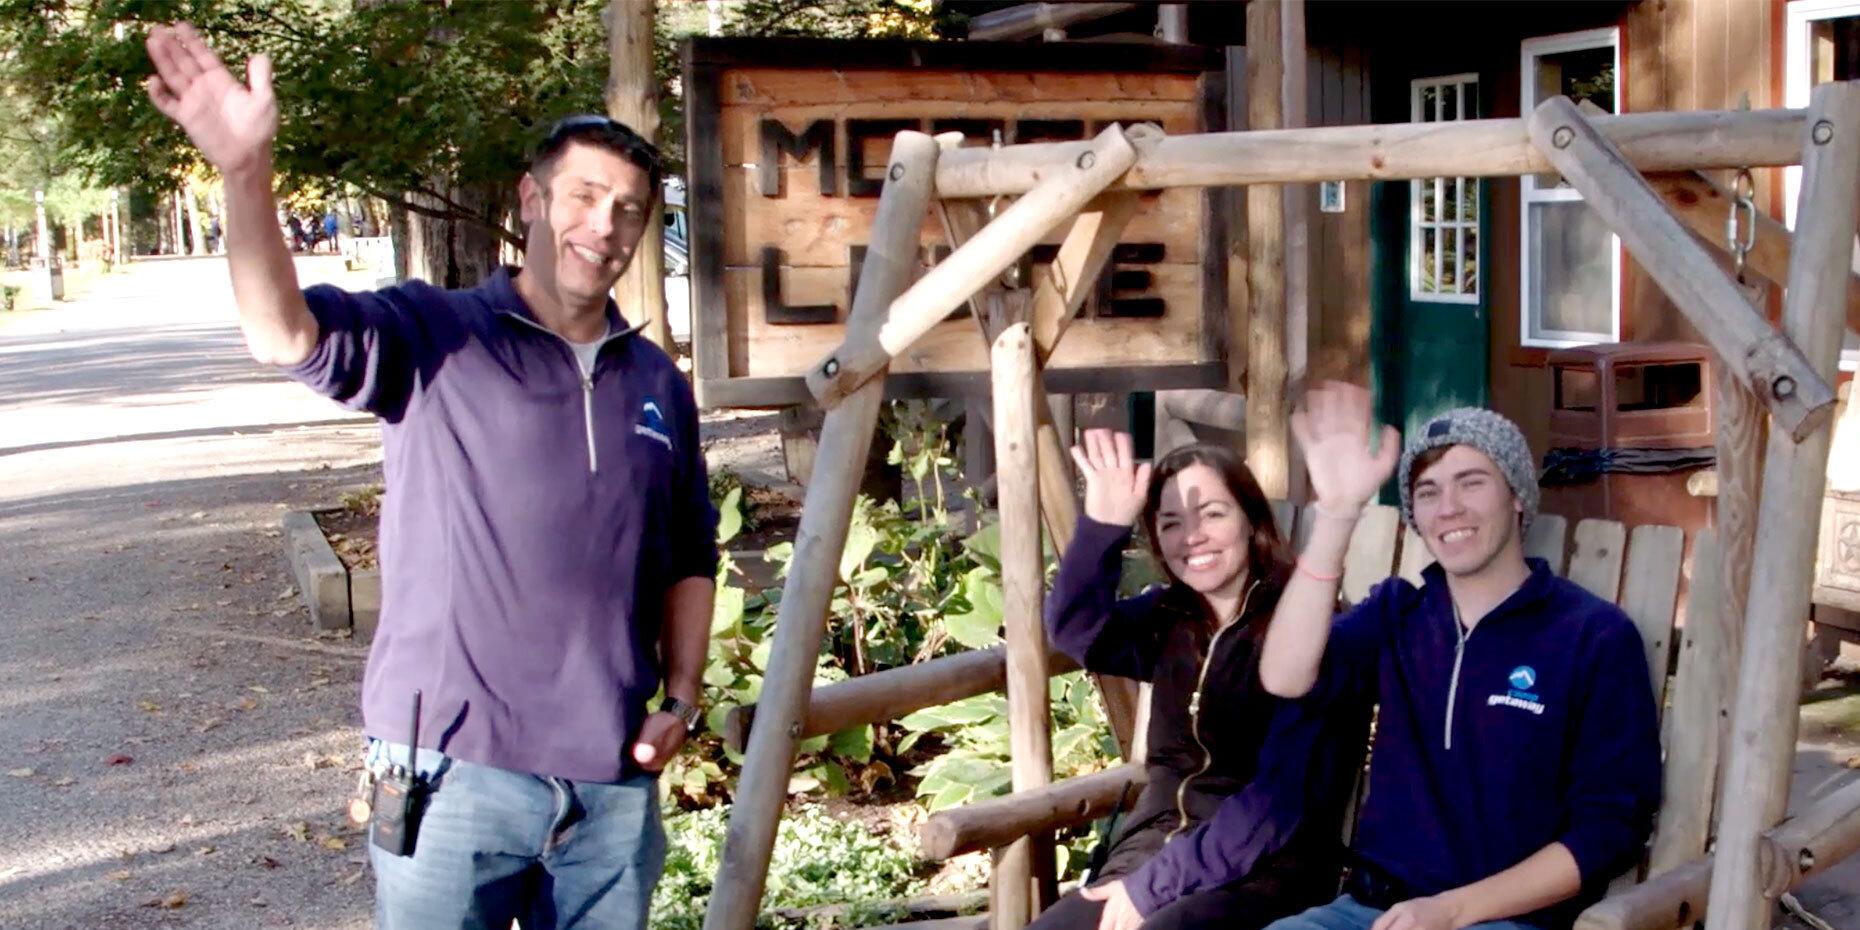 Fecha de lanzamiento de Camp Getaway Bravo TV, reparto de la temporada 1 1